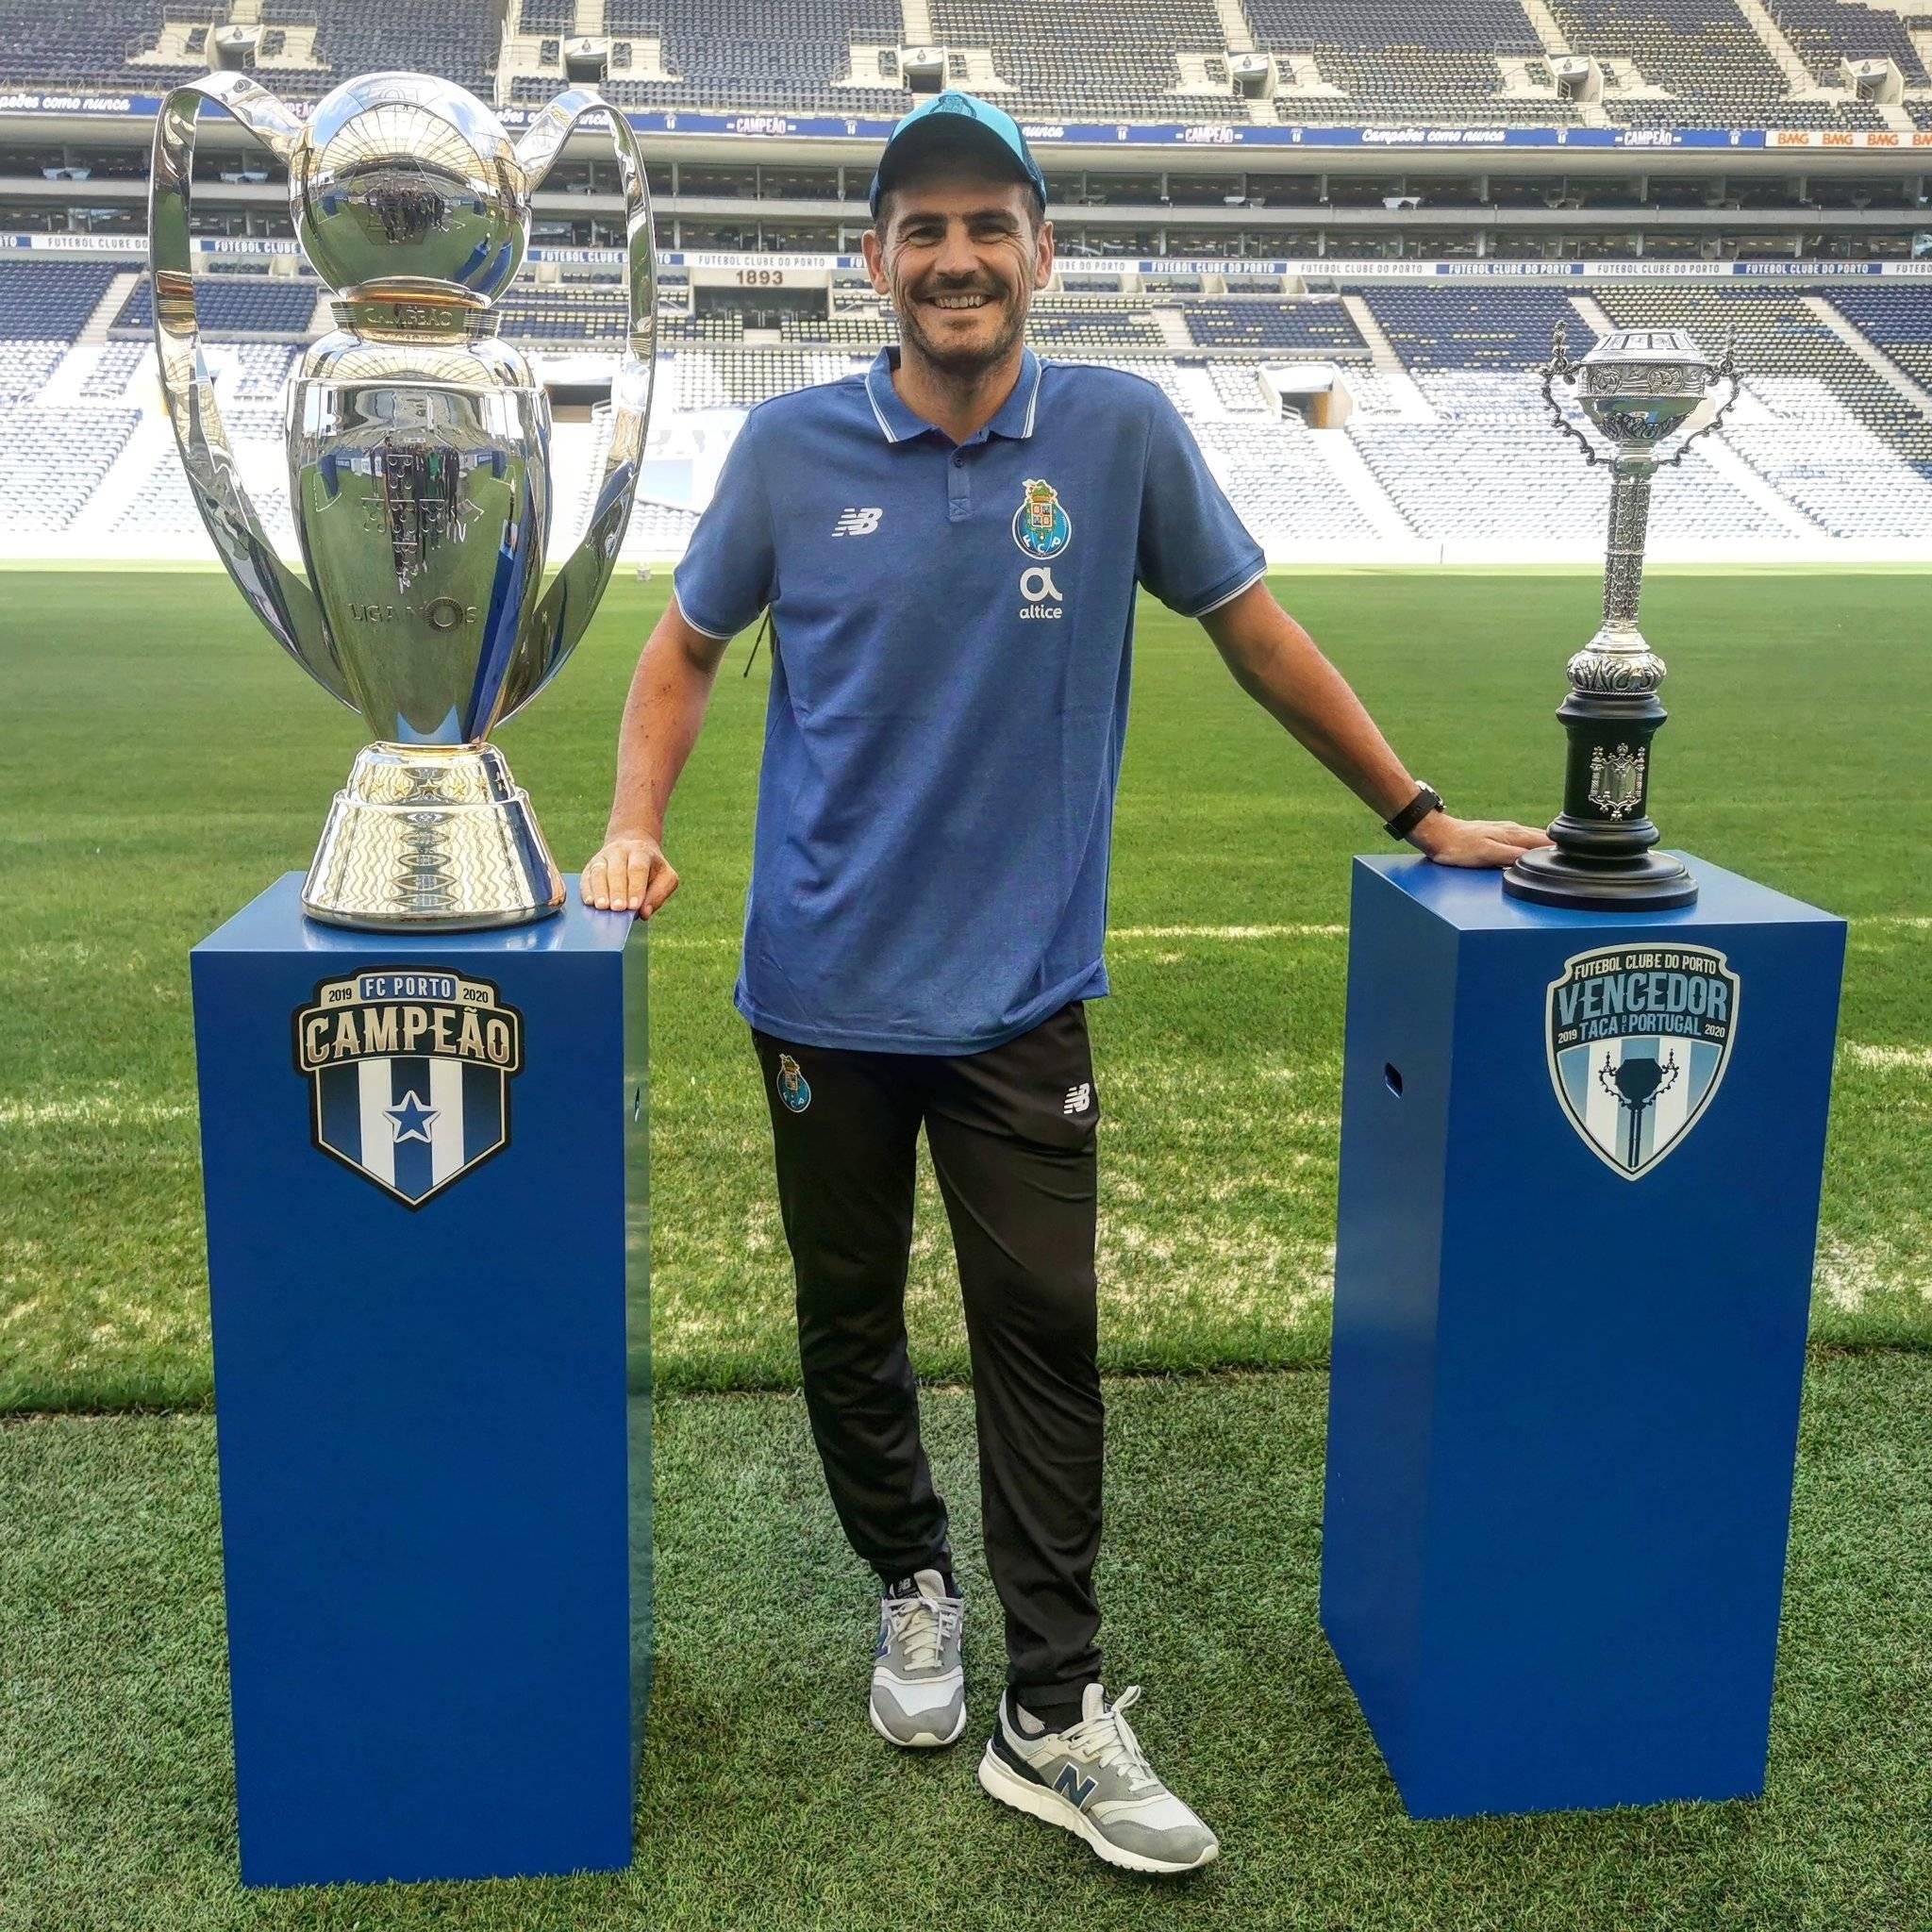 Celebrando la obtención de recientes títulos con el Porto, su último club